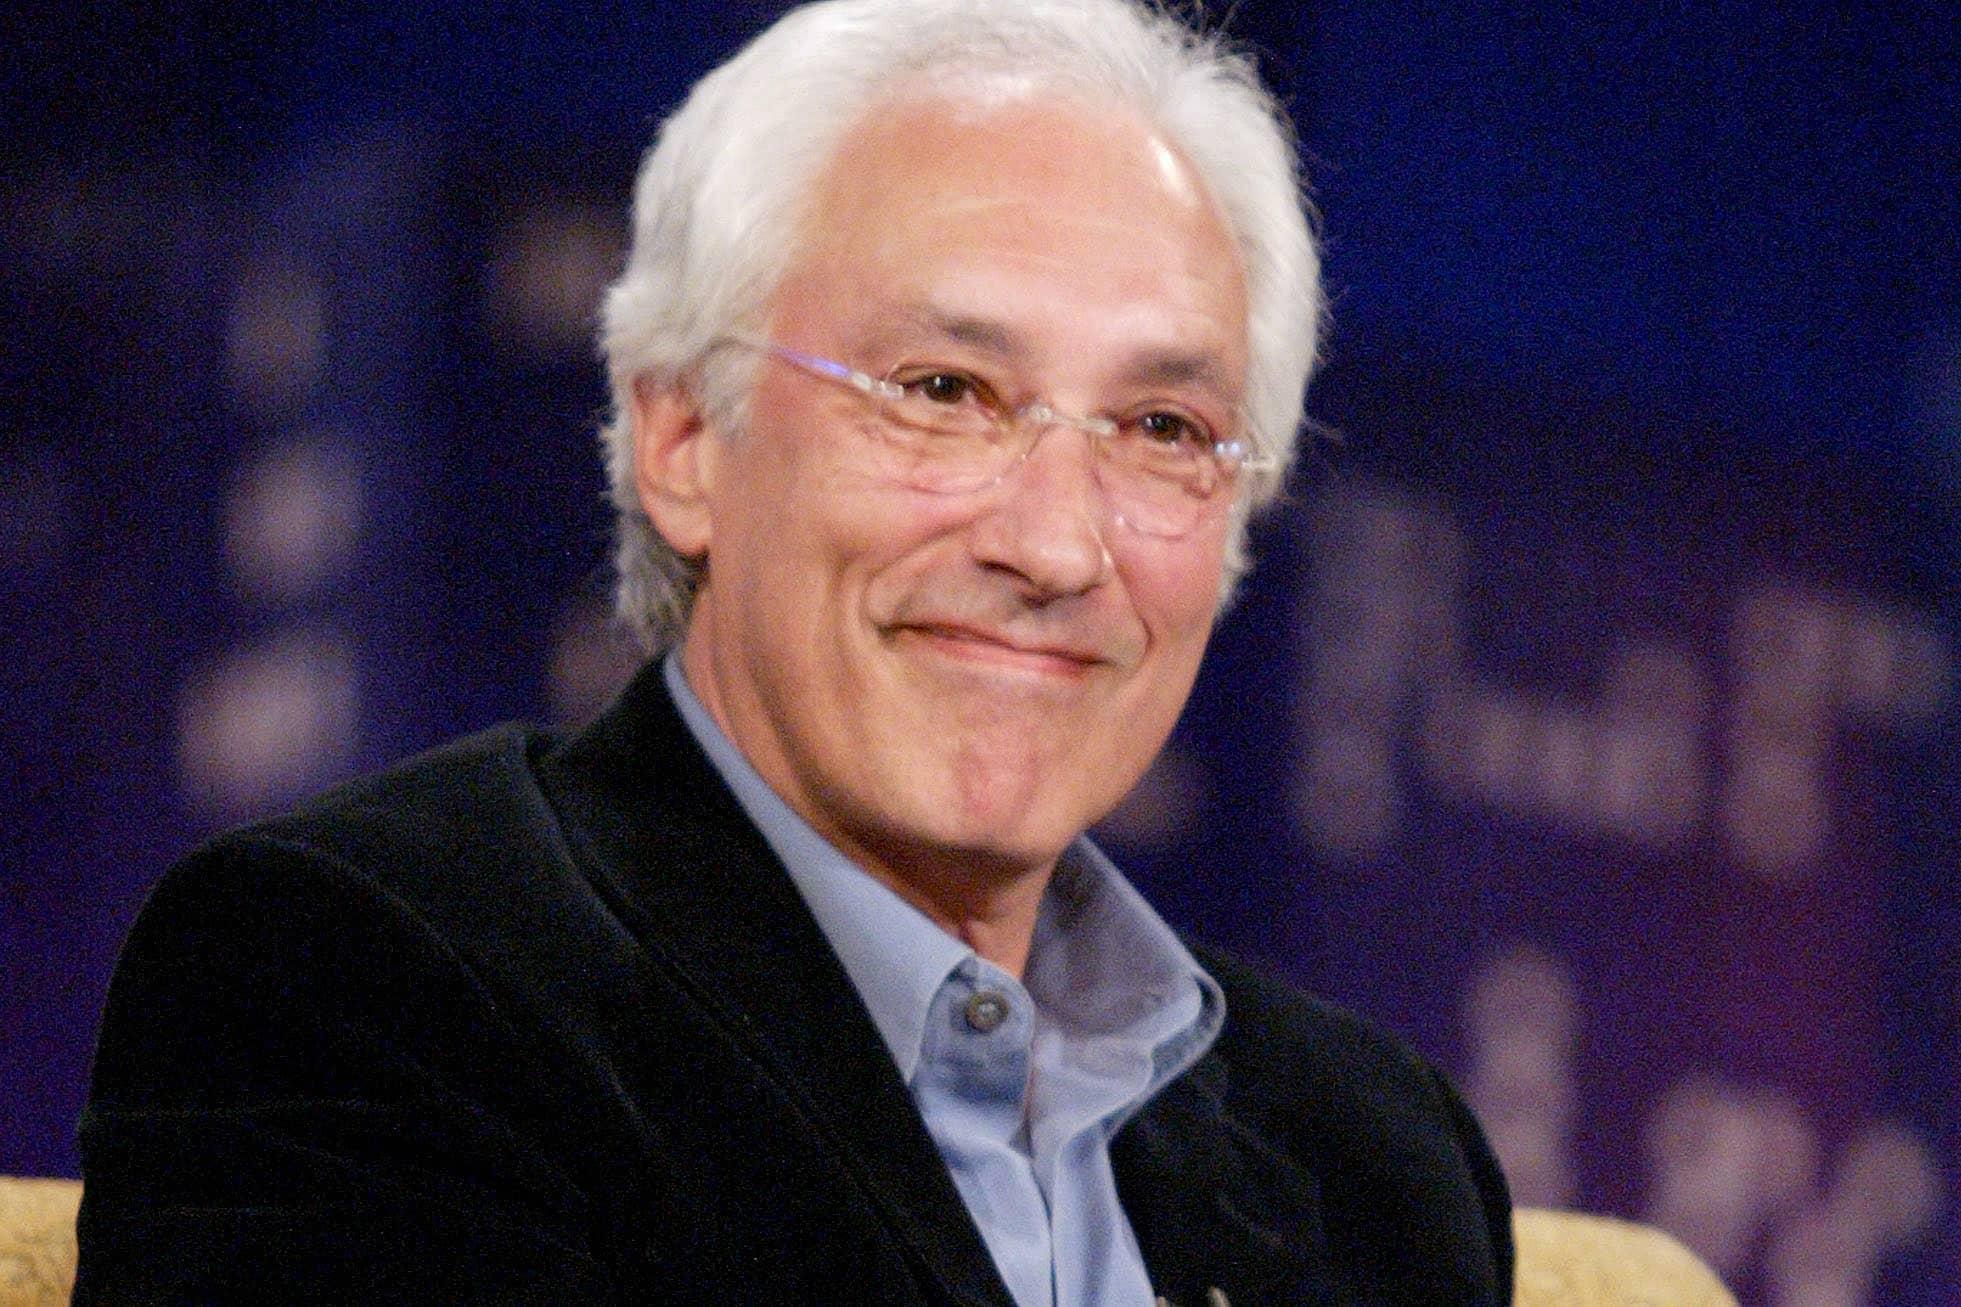 Steven Bochco